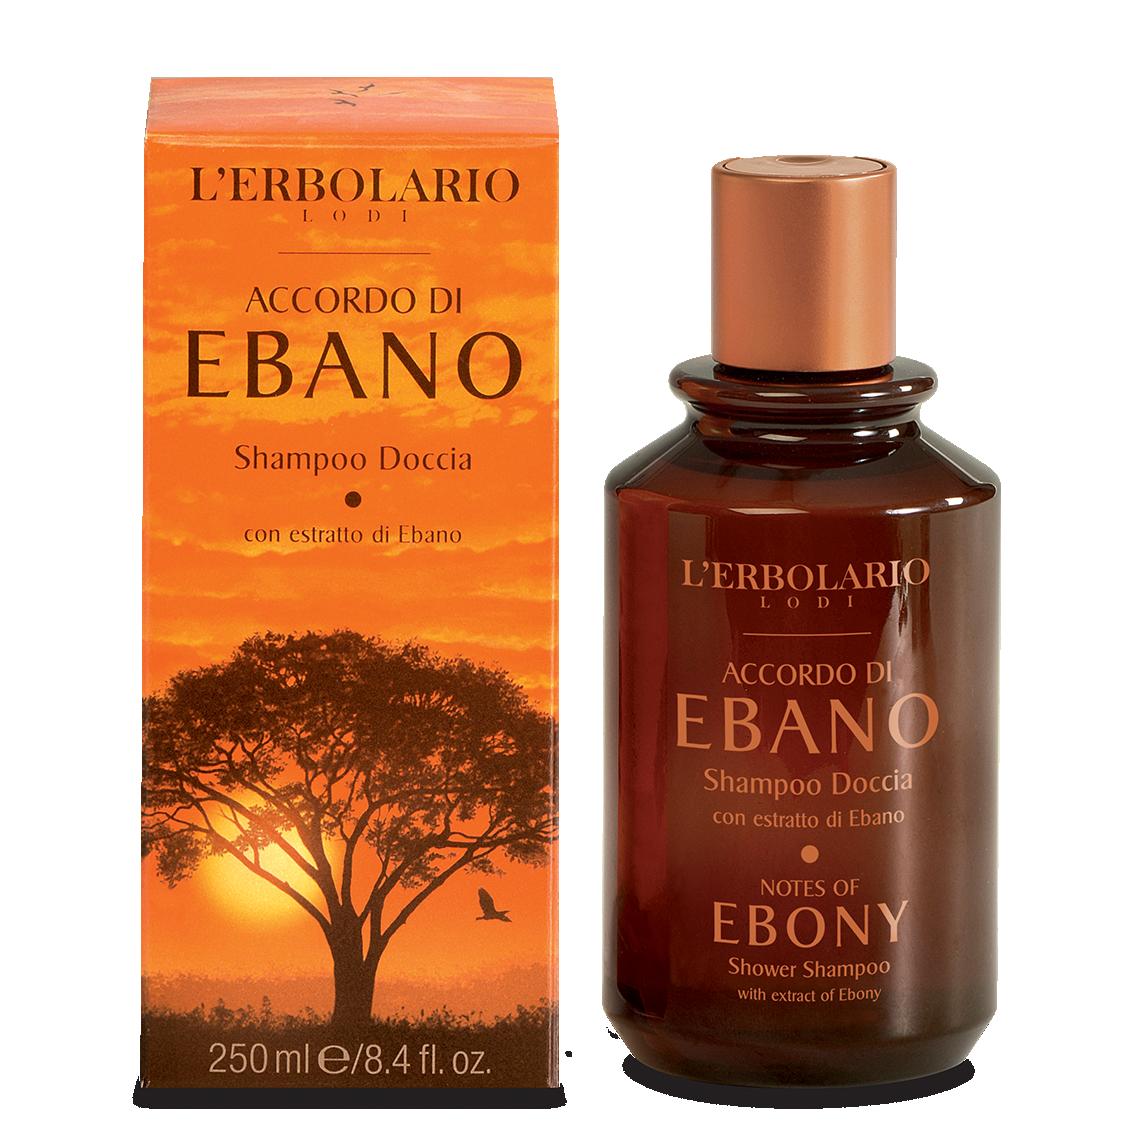 Accordo di Ebano Shampoodoccia di Erbolario